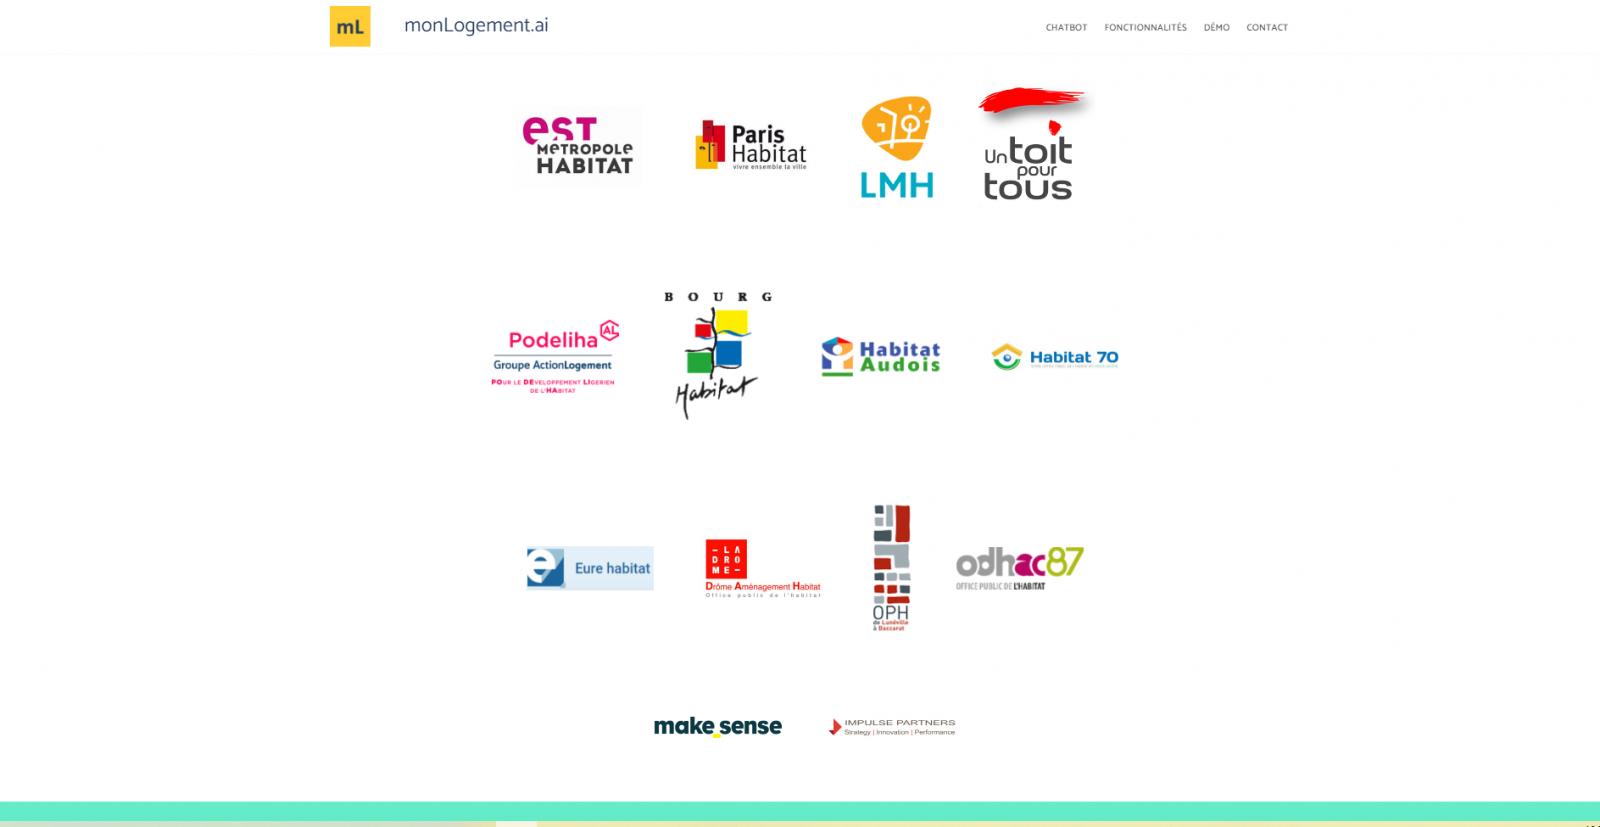 Monlogement.ai Clients Annuaire Startups